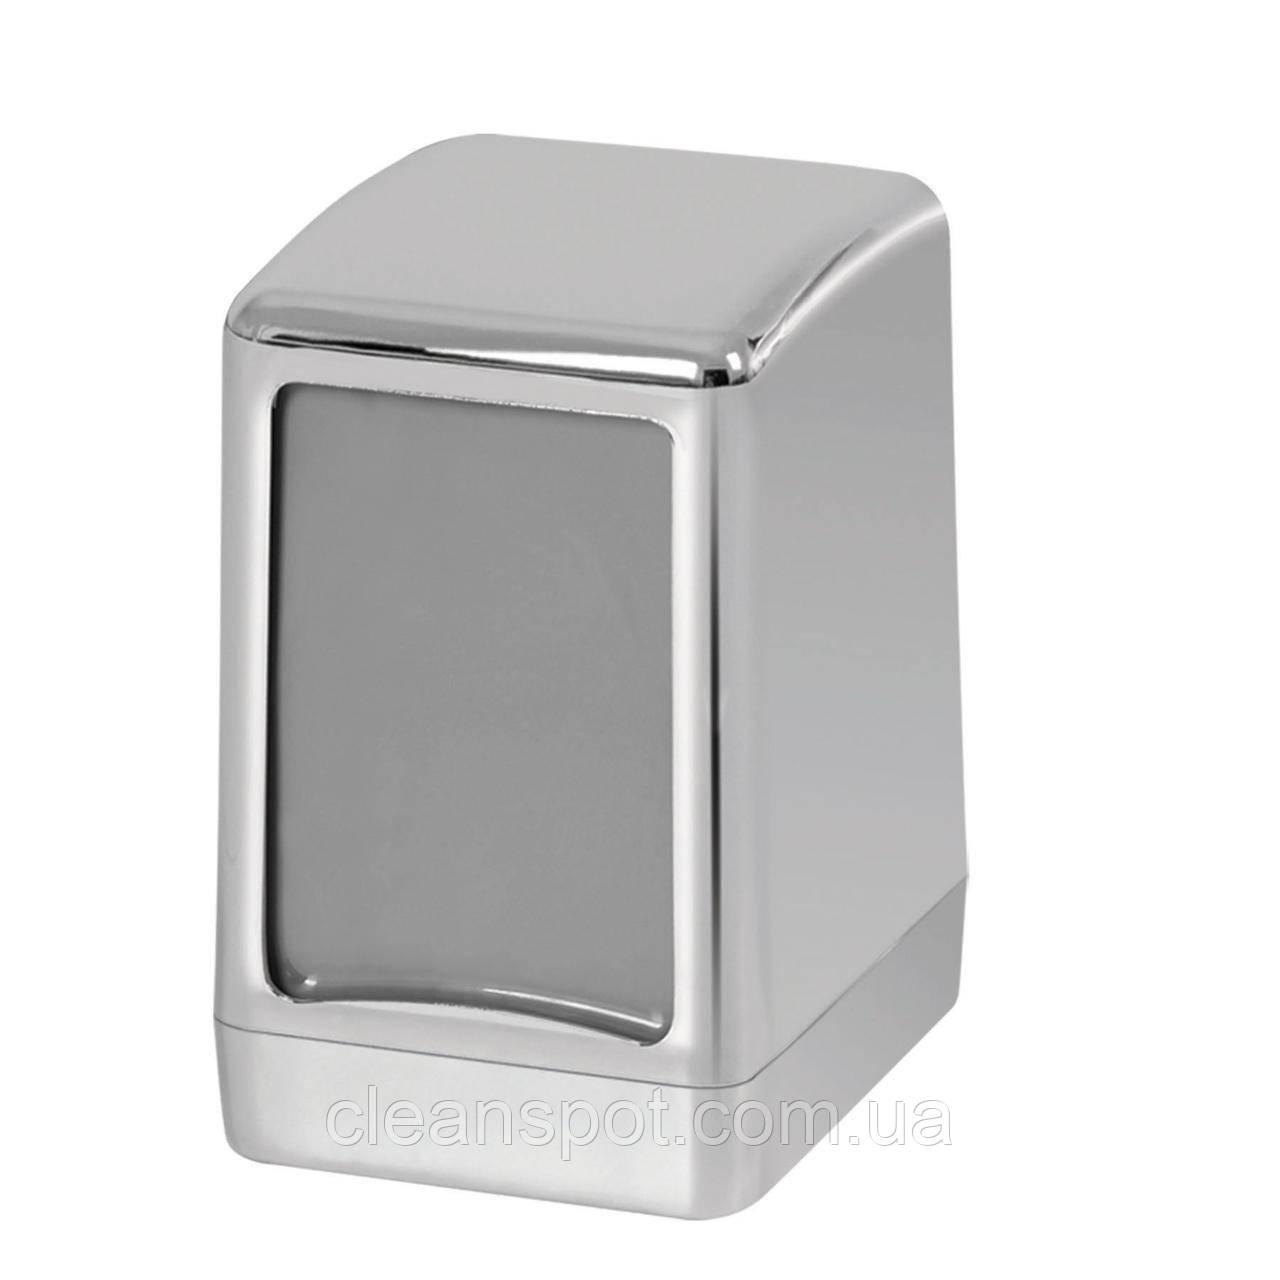 Диспеснер настольных салфеток зеркальный серебристый PALEX